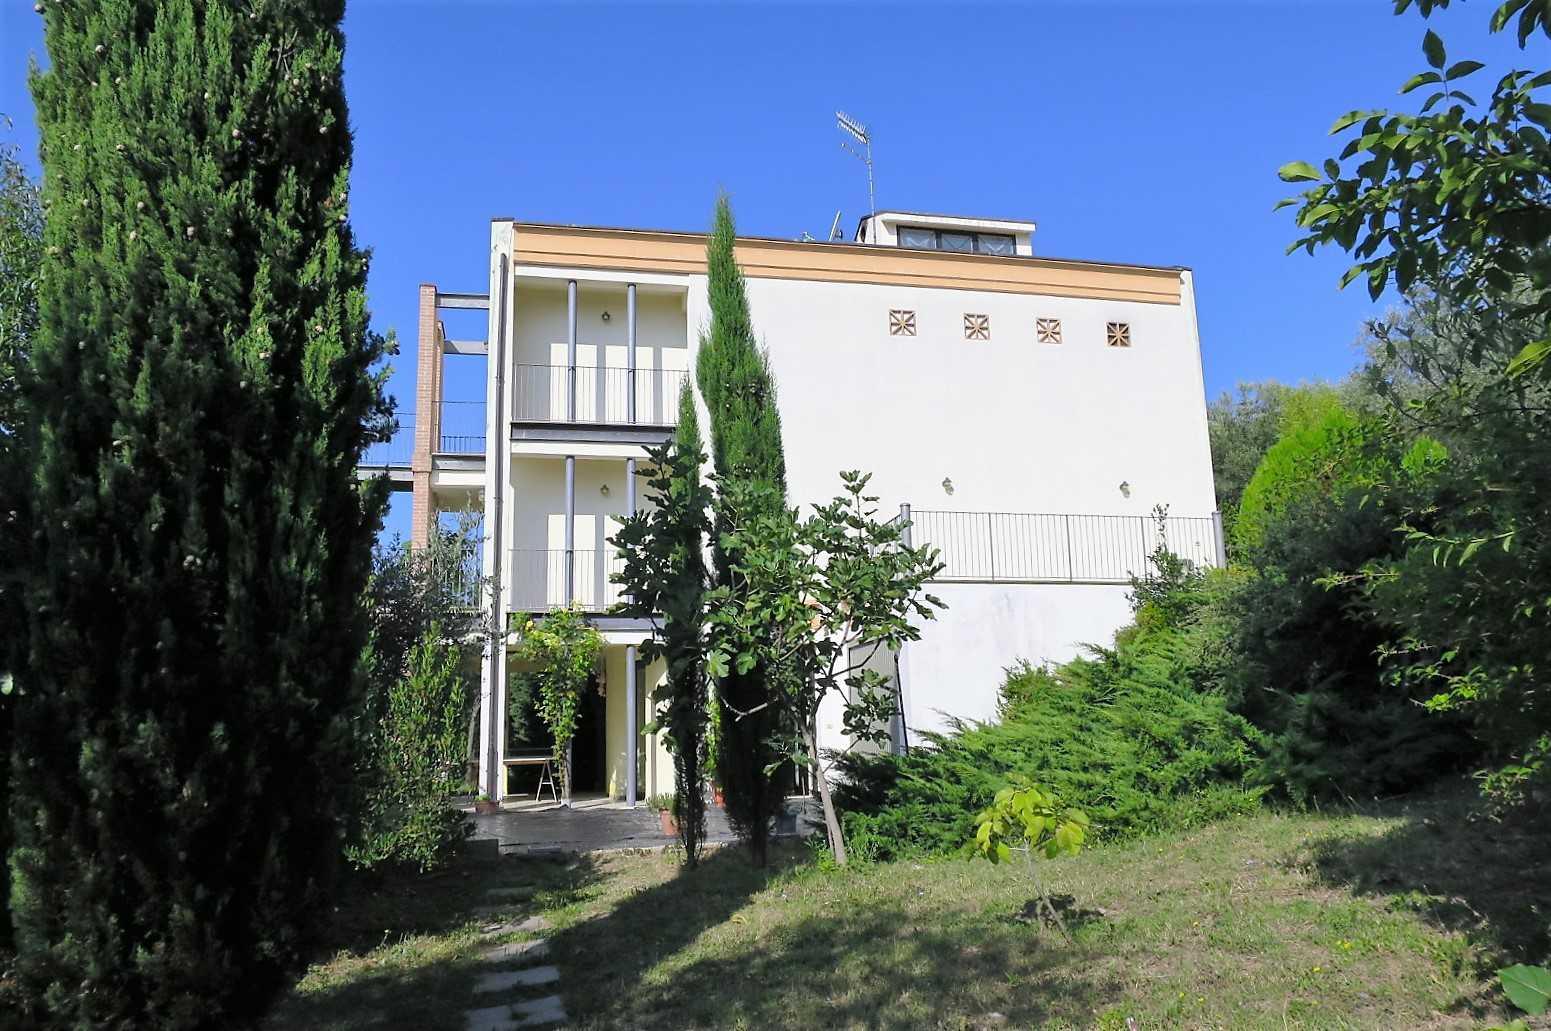 Villa Villa for sale Atri (TE), Villa Paola - Atri - EUR 462.107 10